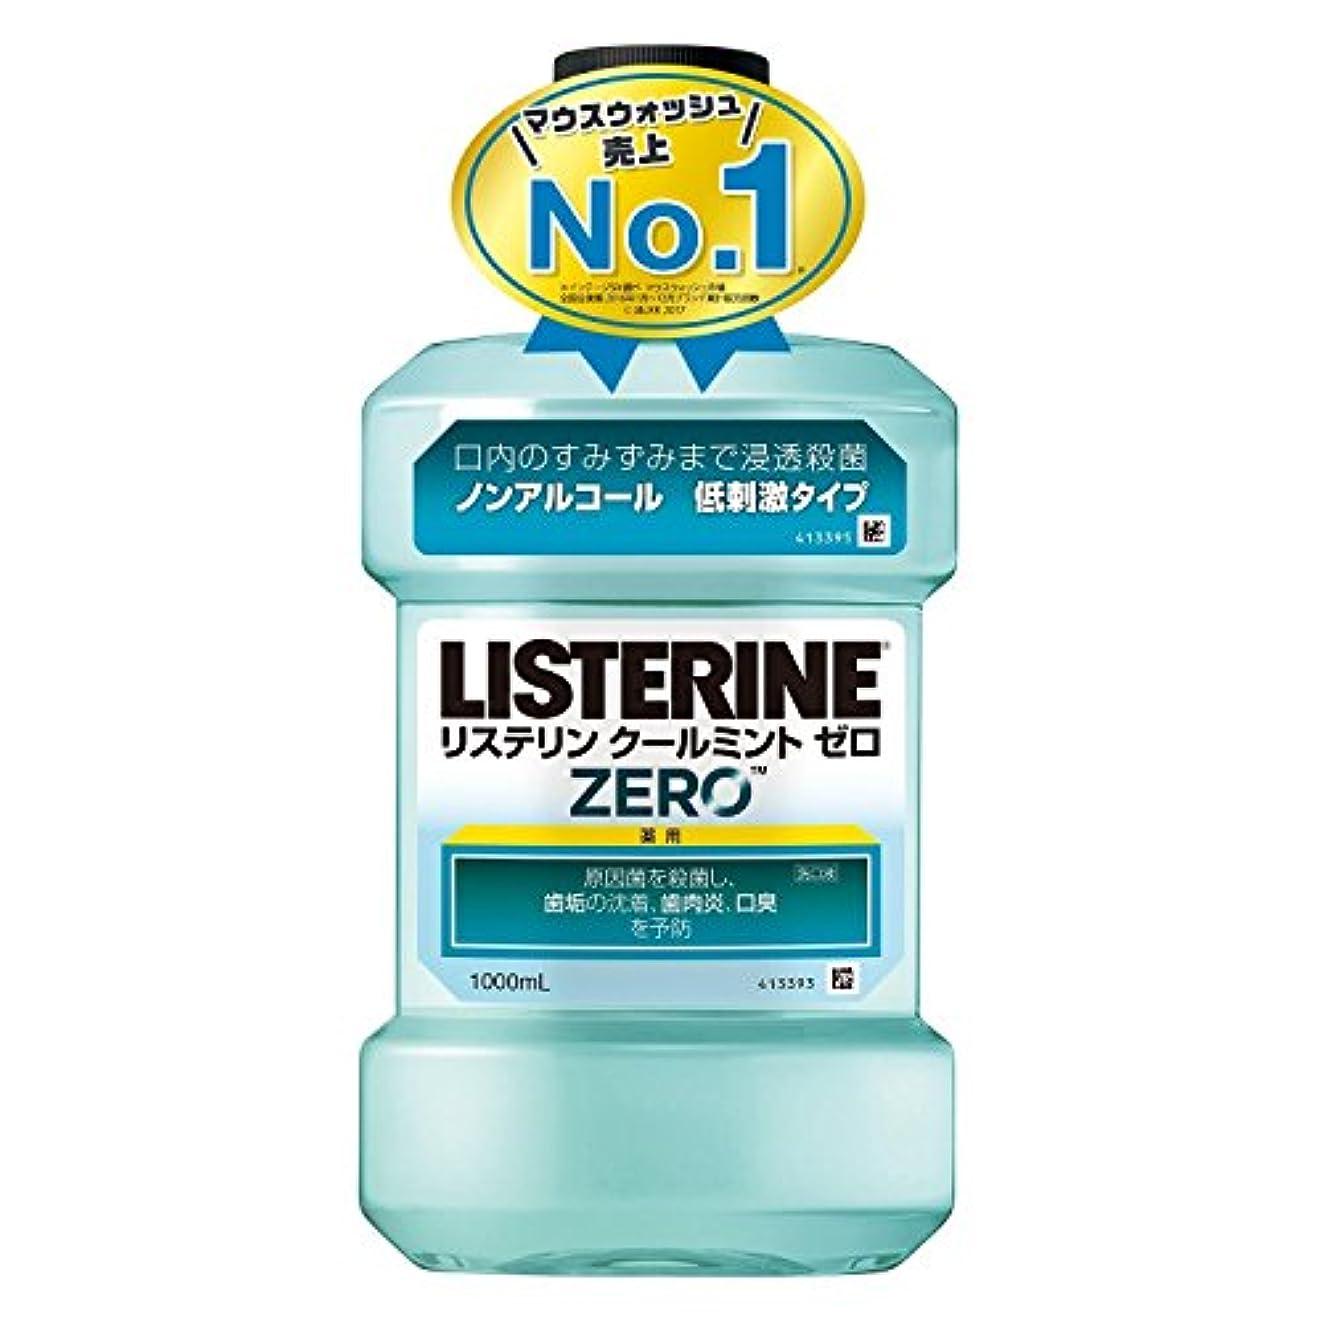 薬用 リステリン クールミントゼロ マウスウォッシュ 低刺激 1000mL 【医薬部外品】